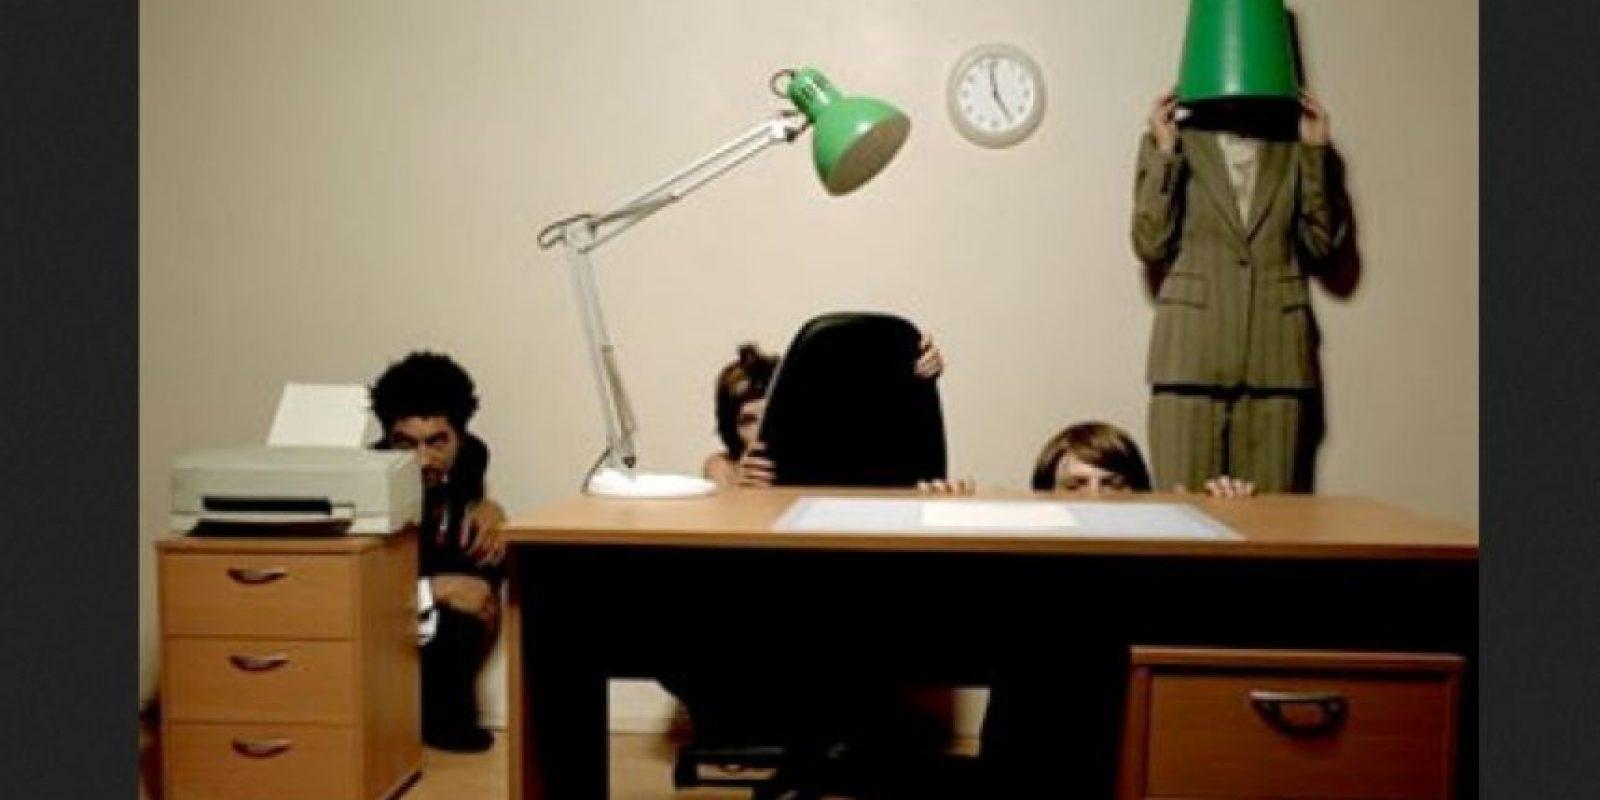 Él cree que todo va bien, sin embargo, entre los trabajadores se encuentra un ambiente de incertidumbre e inconformidad. Foto:Tumblr.com/Tagged-trabajo-oficina